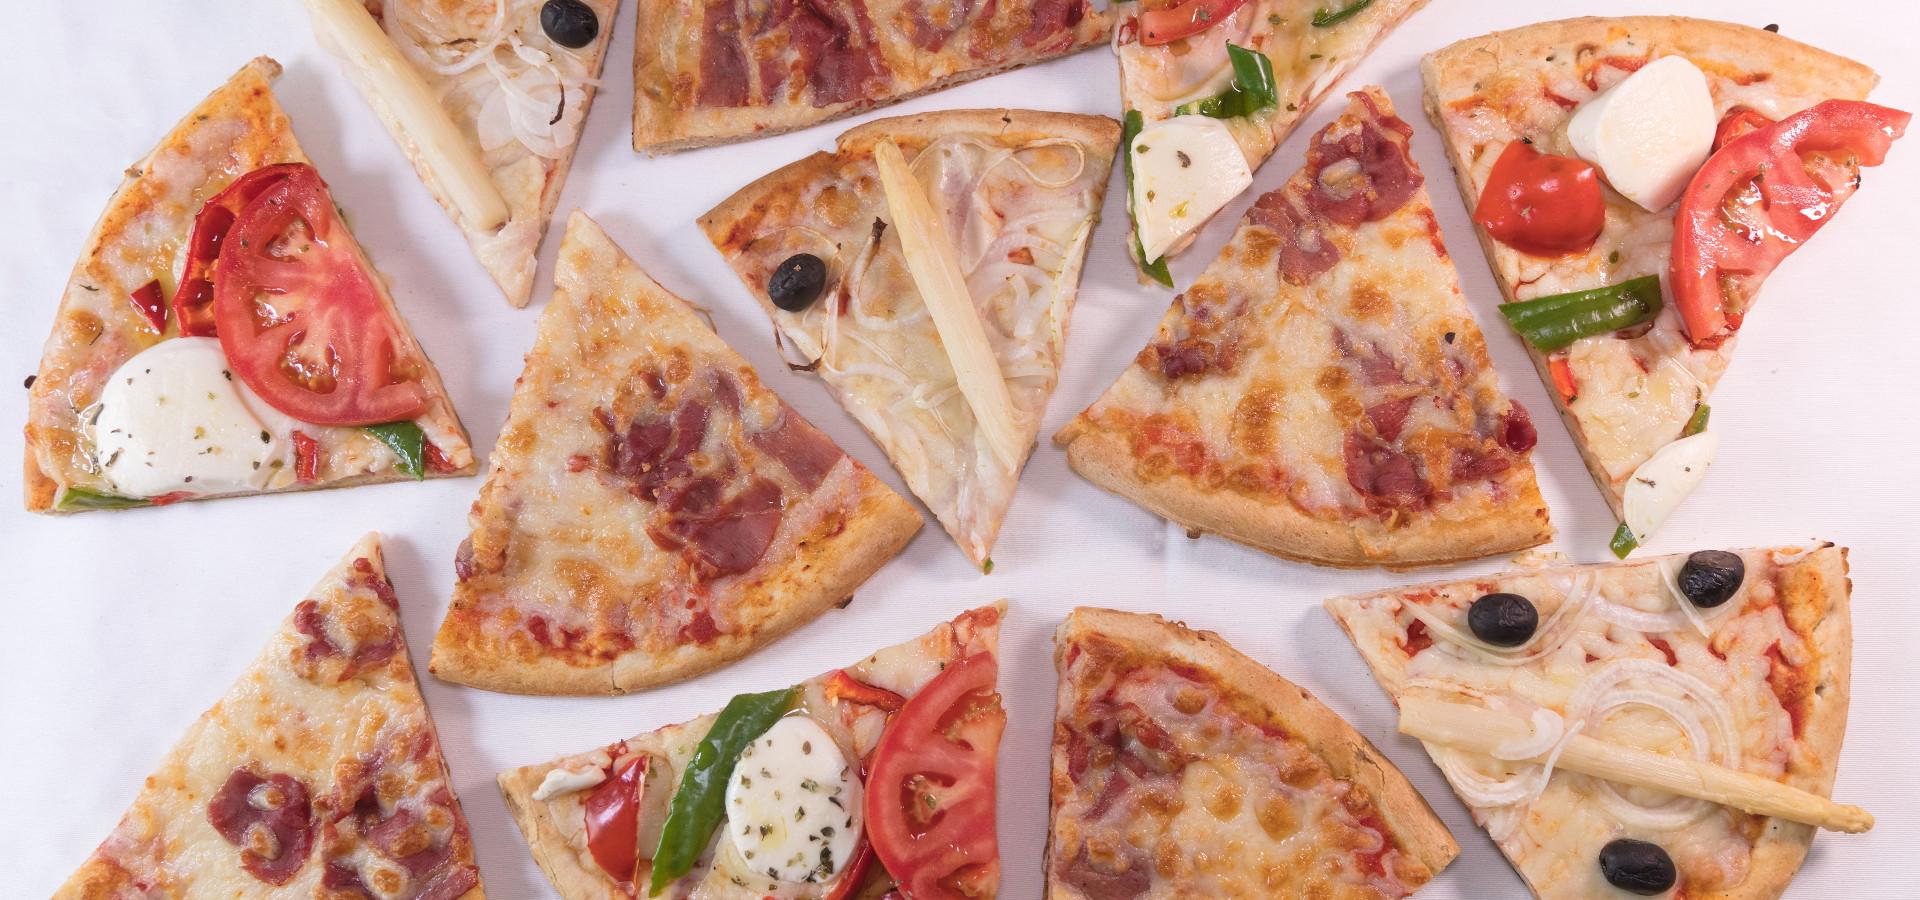 fagapizza slide